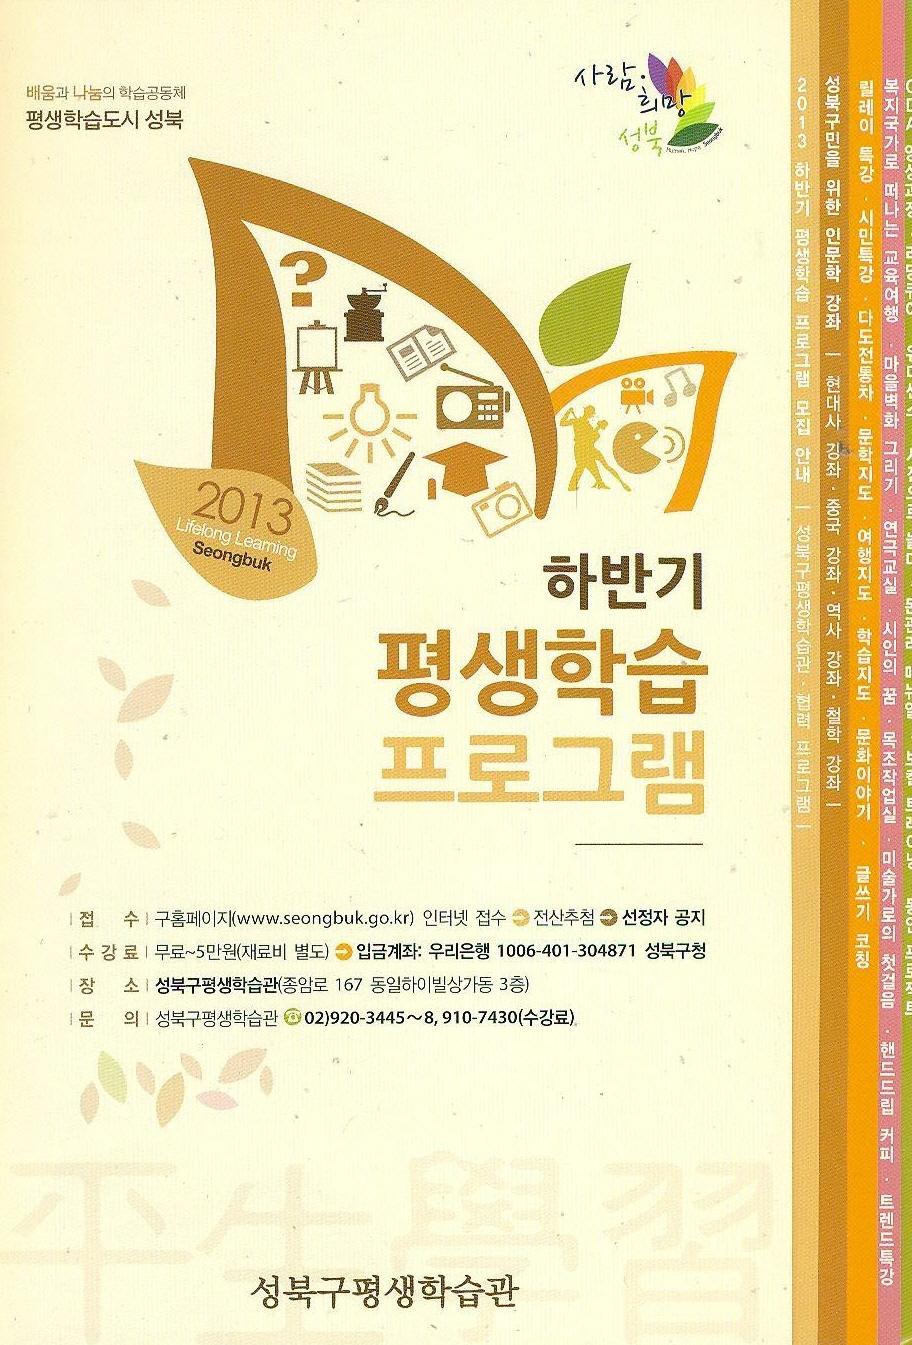 꾸미기_성북구청 포스터.jpg